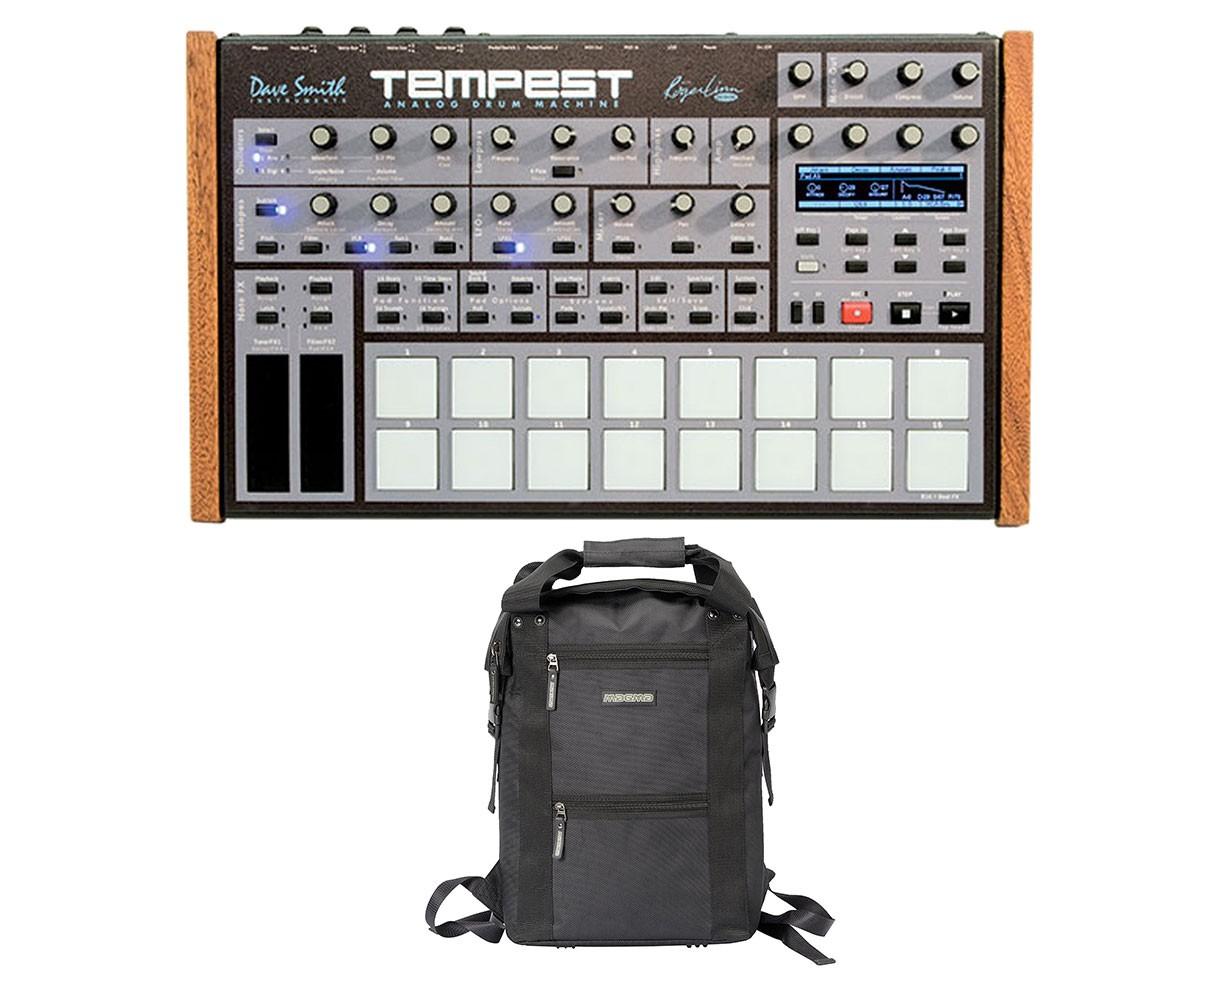 Dave Smith Tempest + Magma MGA47851 Stashpack